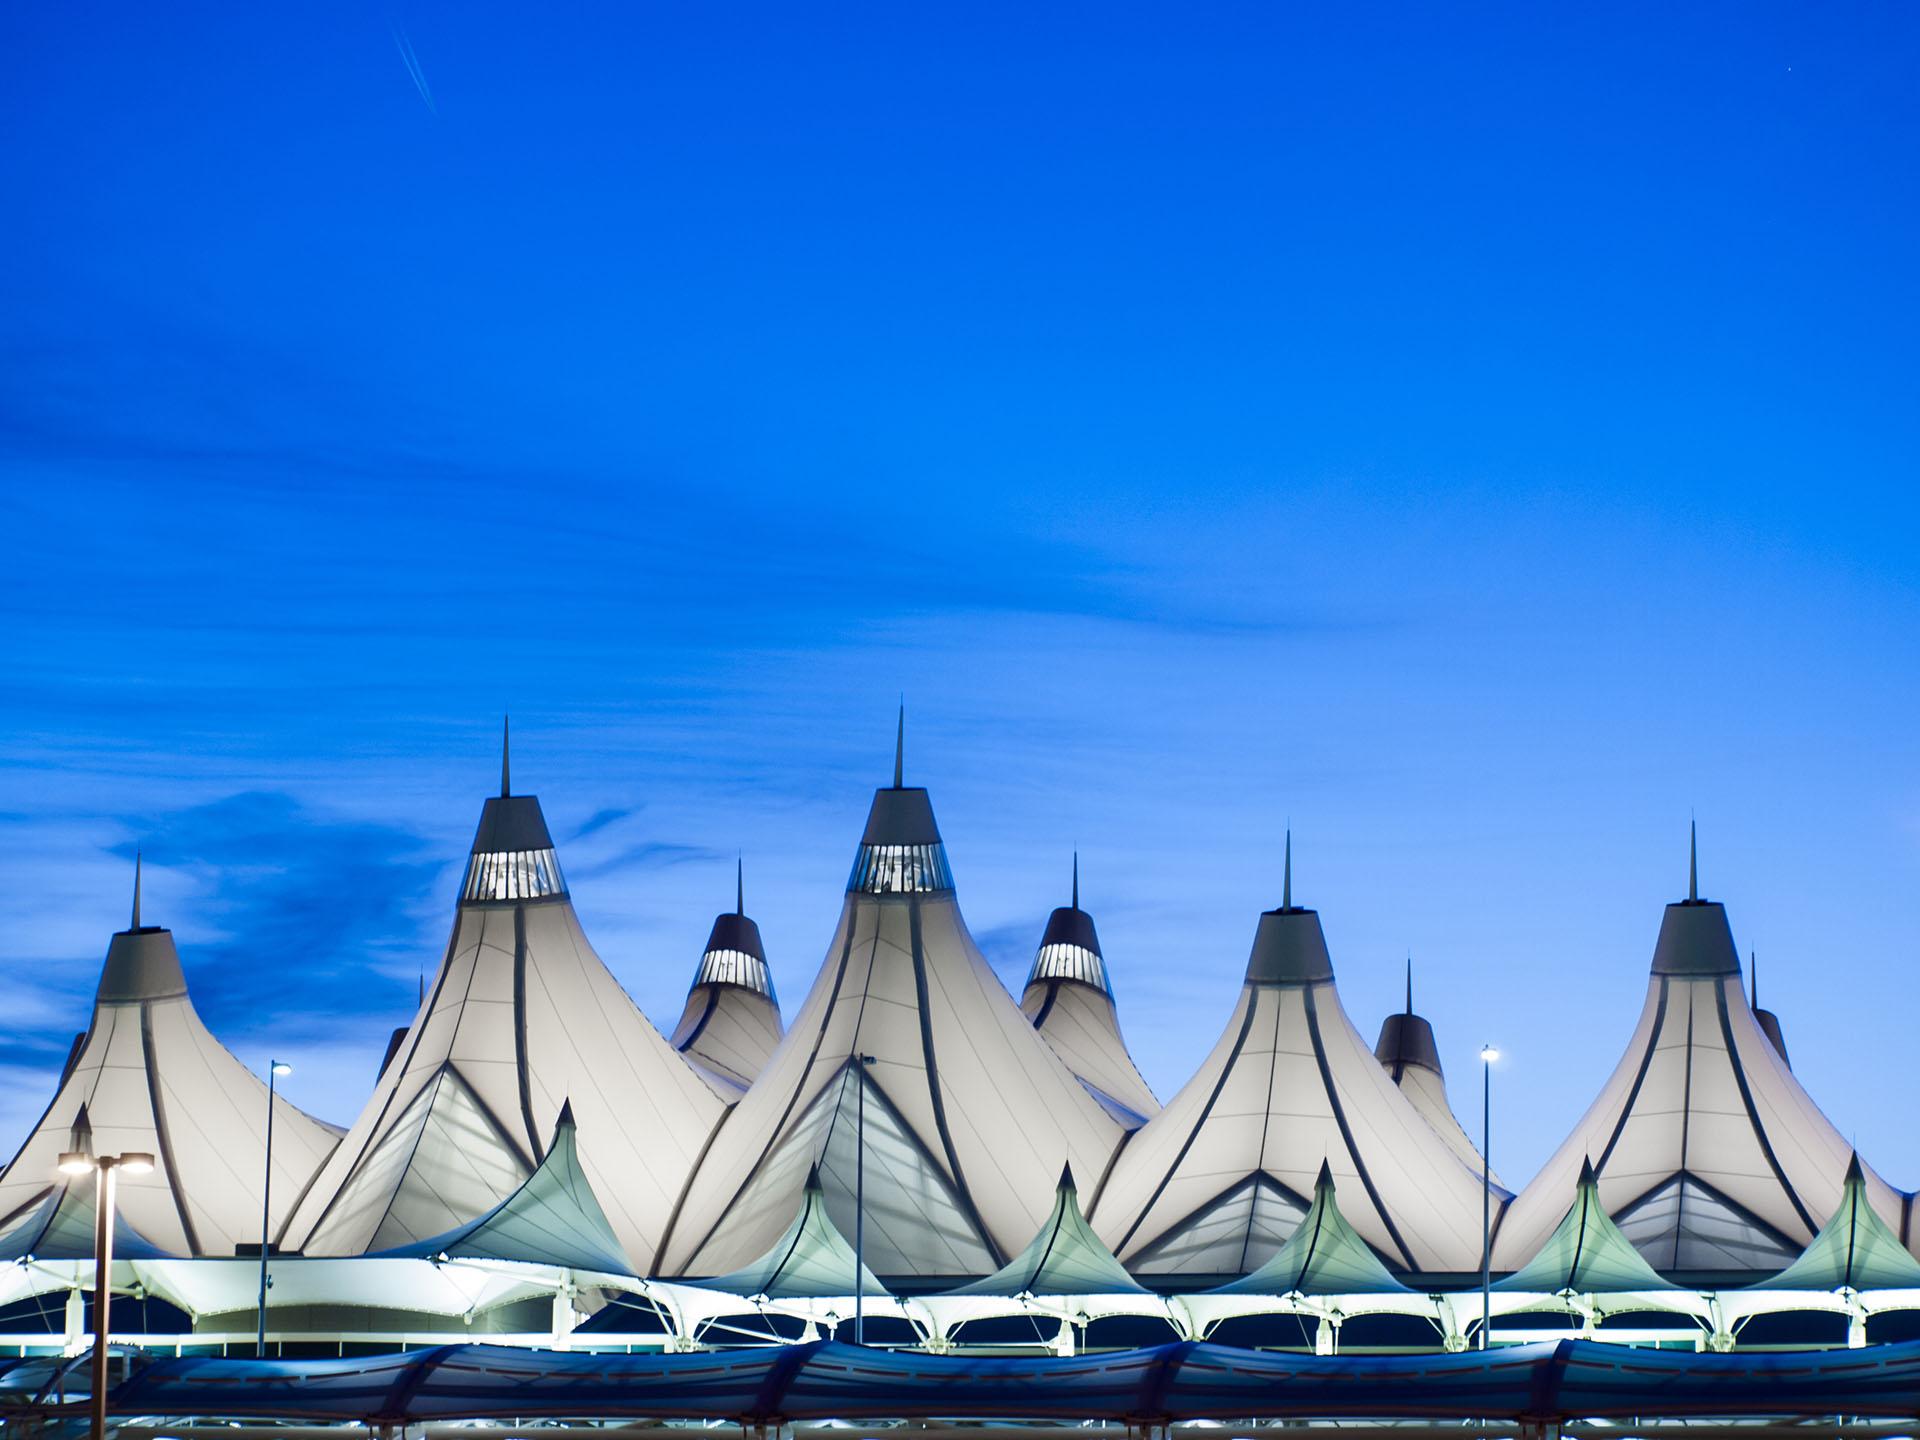 La estructura del techo en forma decarpas decampamento del Aeropuerto Internacional de Denver es notable, particularmente en contraste con las montañas rocosas en el fondo. El aeropuerto también es objeto de una serie de teorías de conspiración interesantes